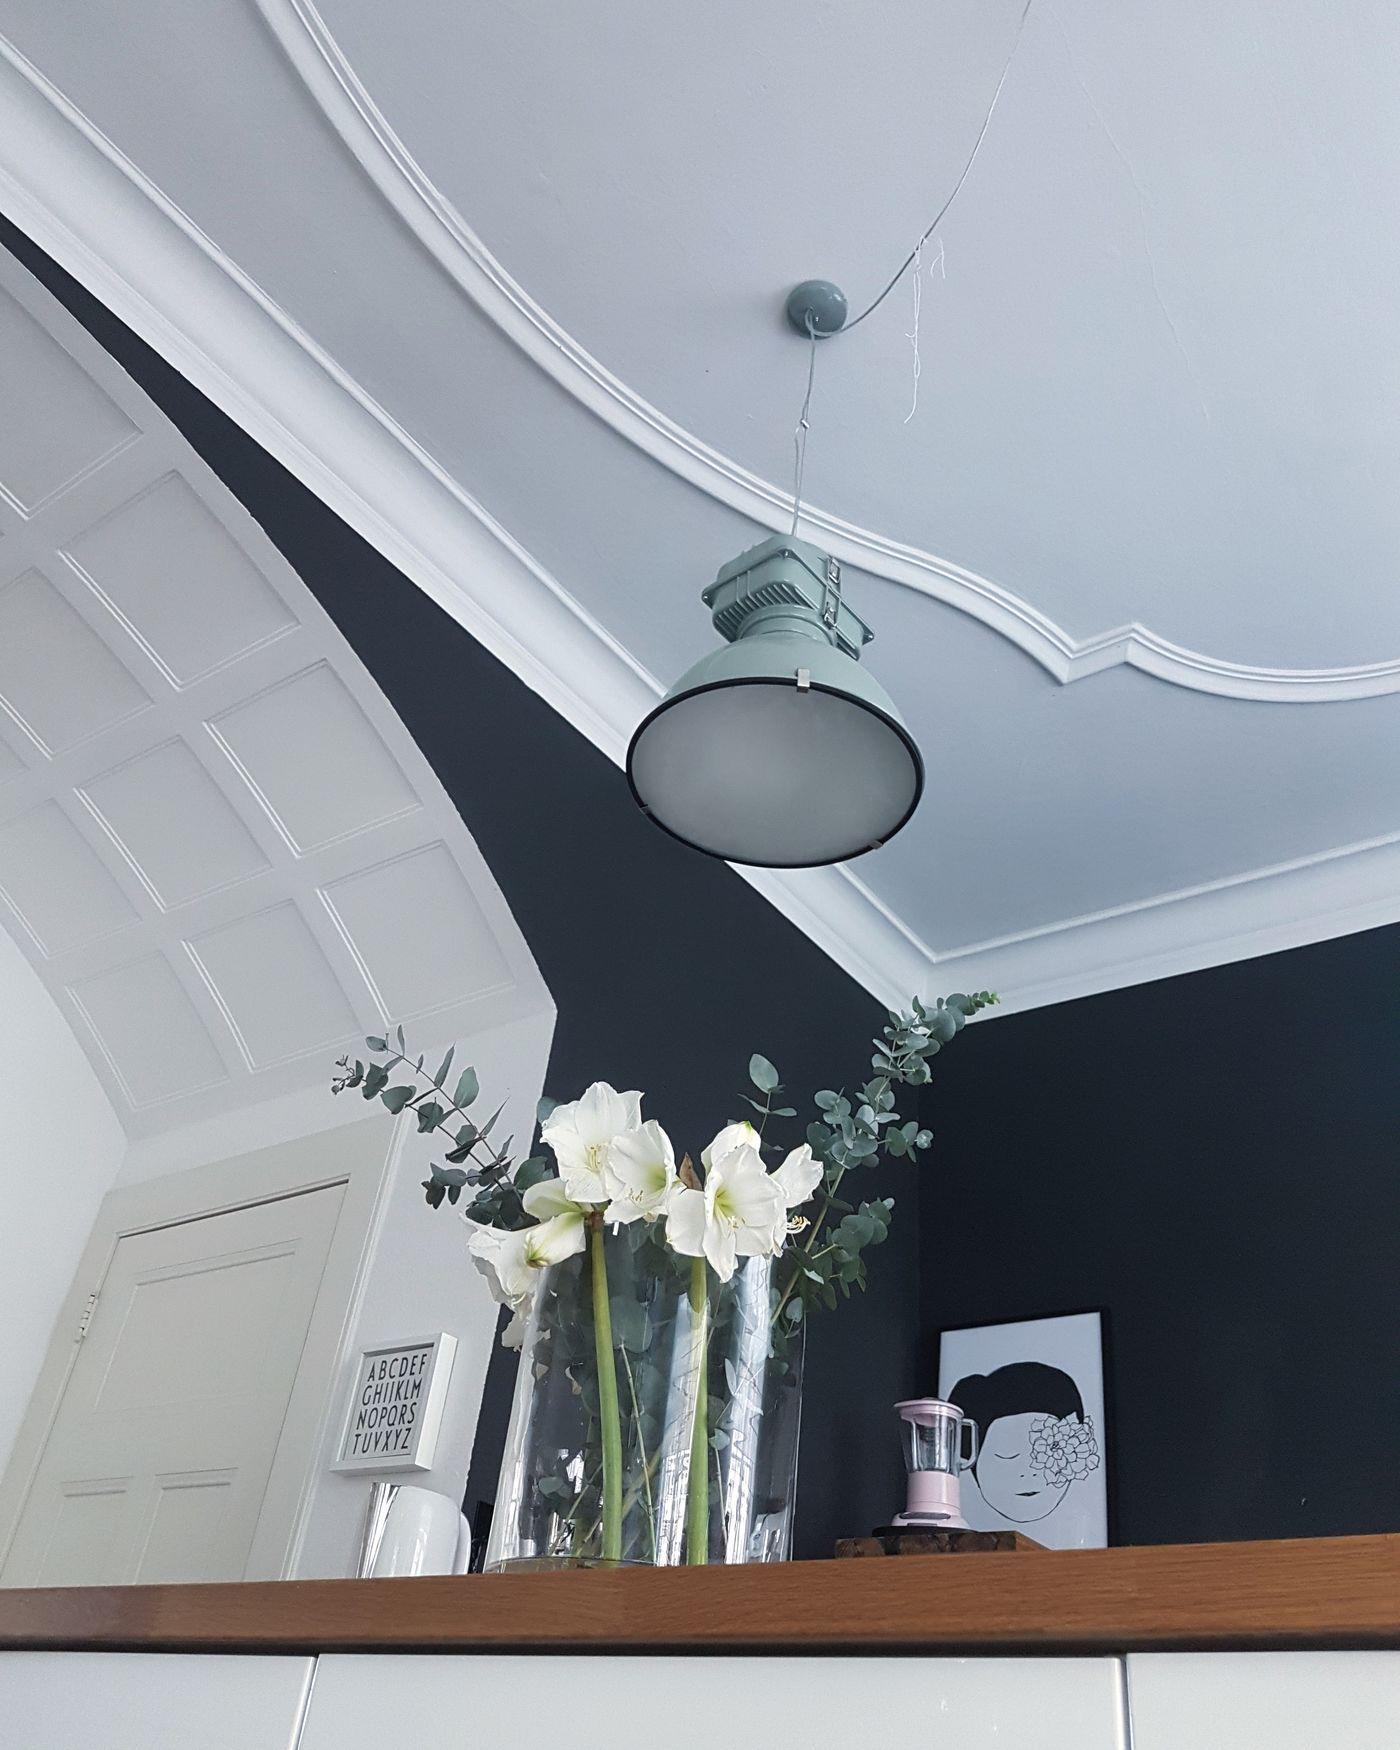 deckengestaltung ideen f r die gestaltung der zimmerdecke. Black Bedroom Furniture Sets. Home Design Ideas